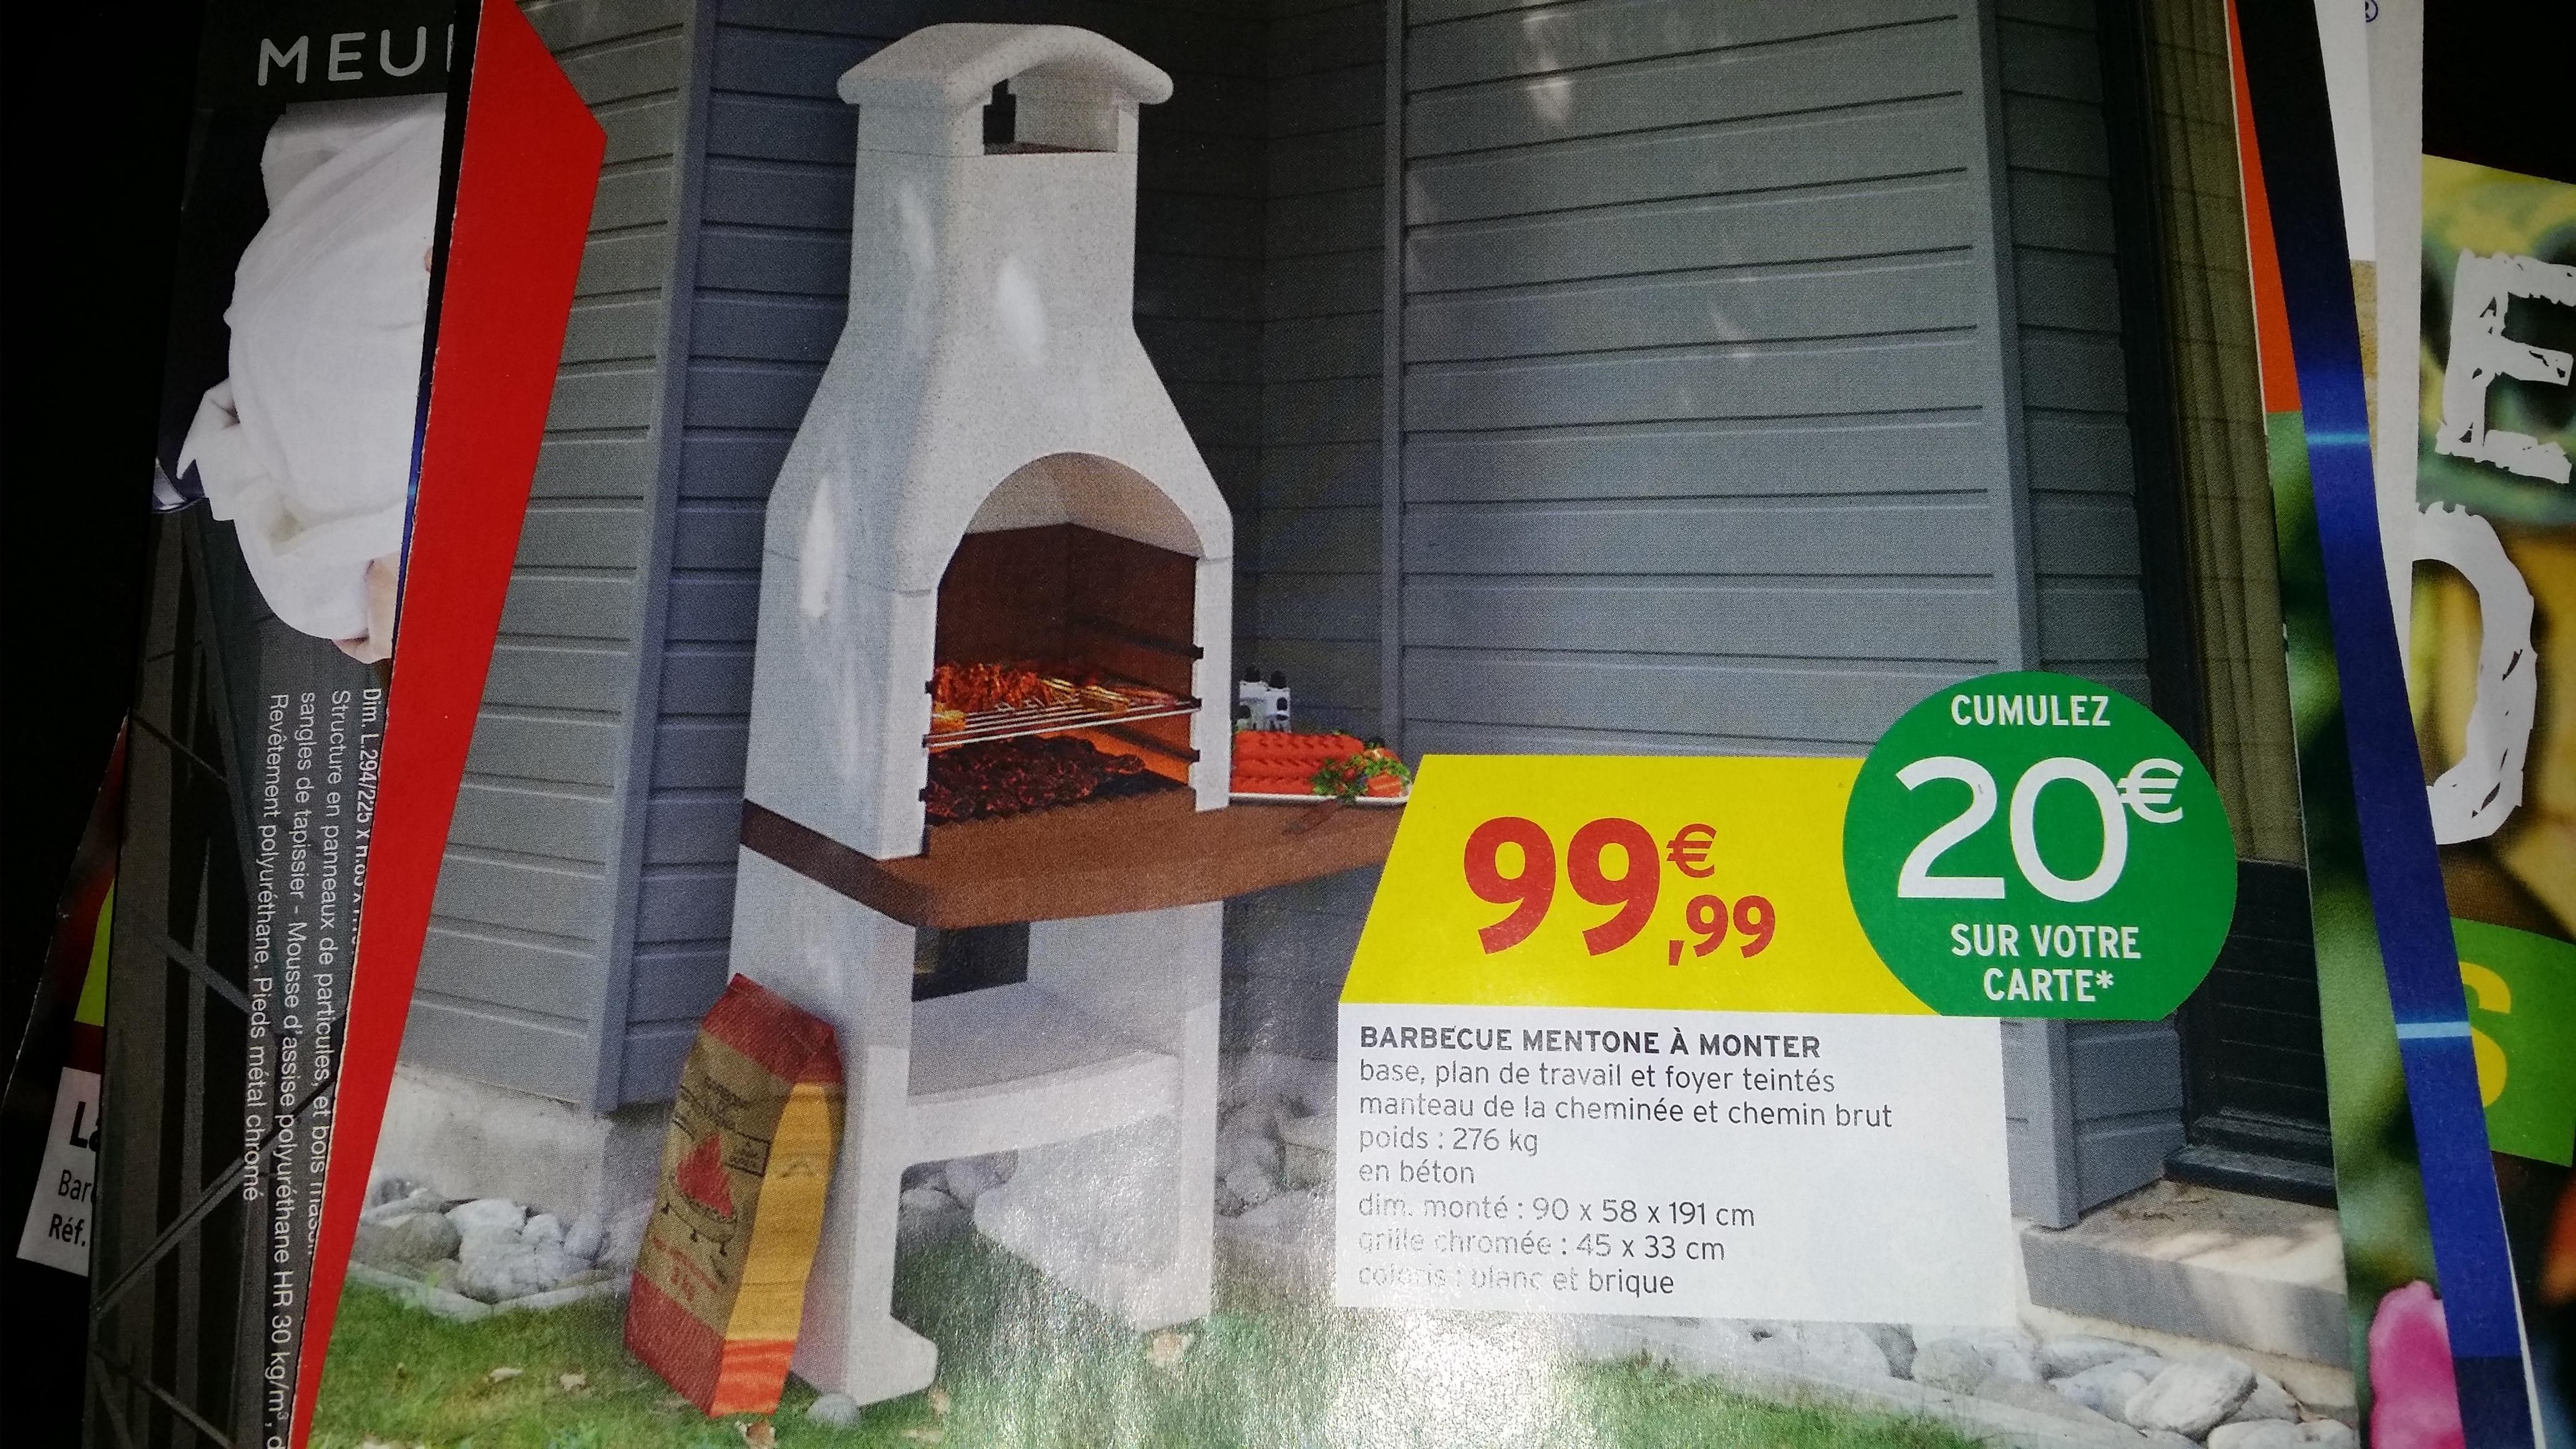 Barbecue Mentone à monter (avec 20€ sur la carte)